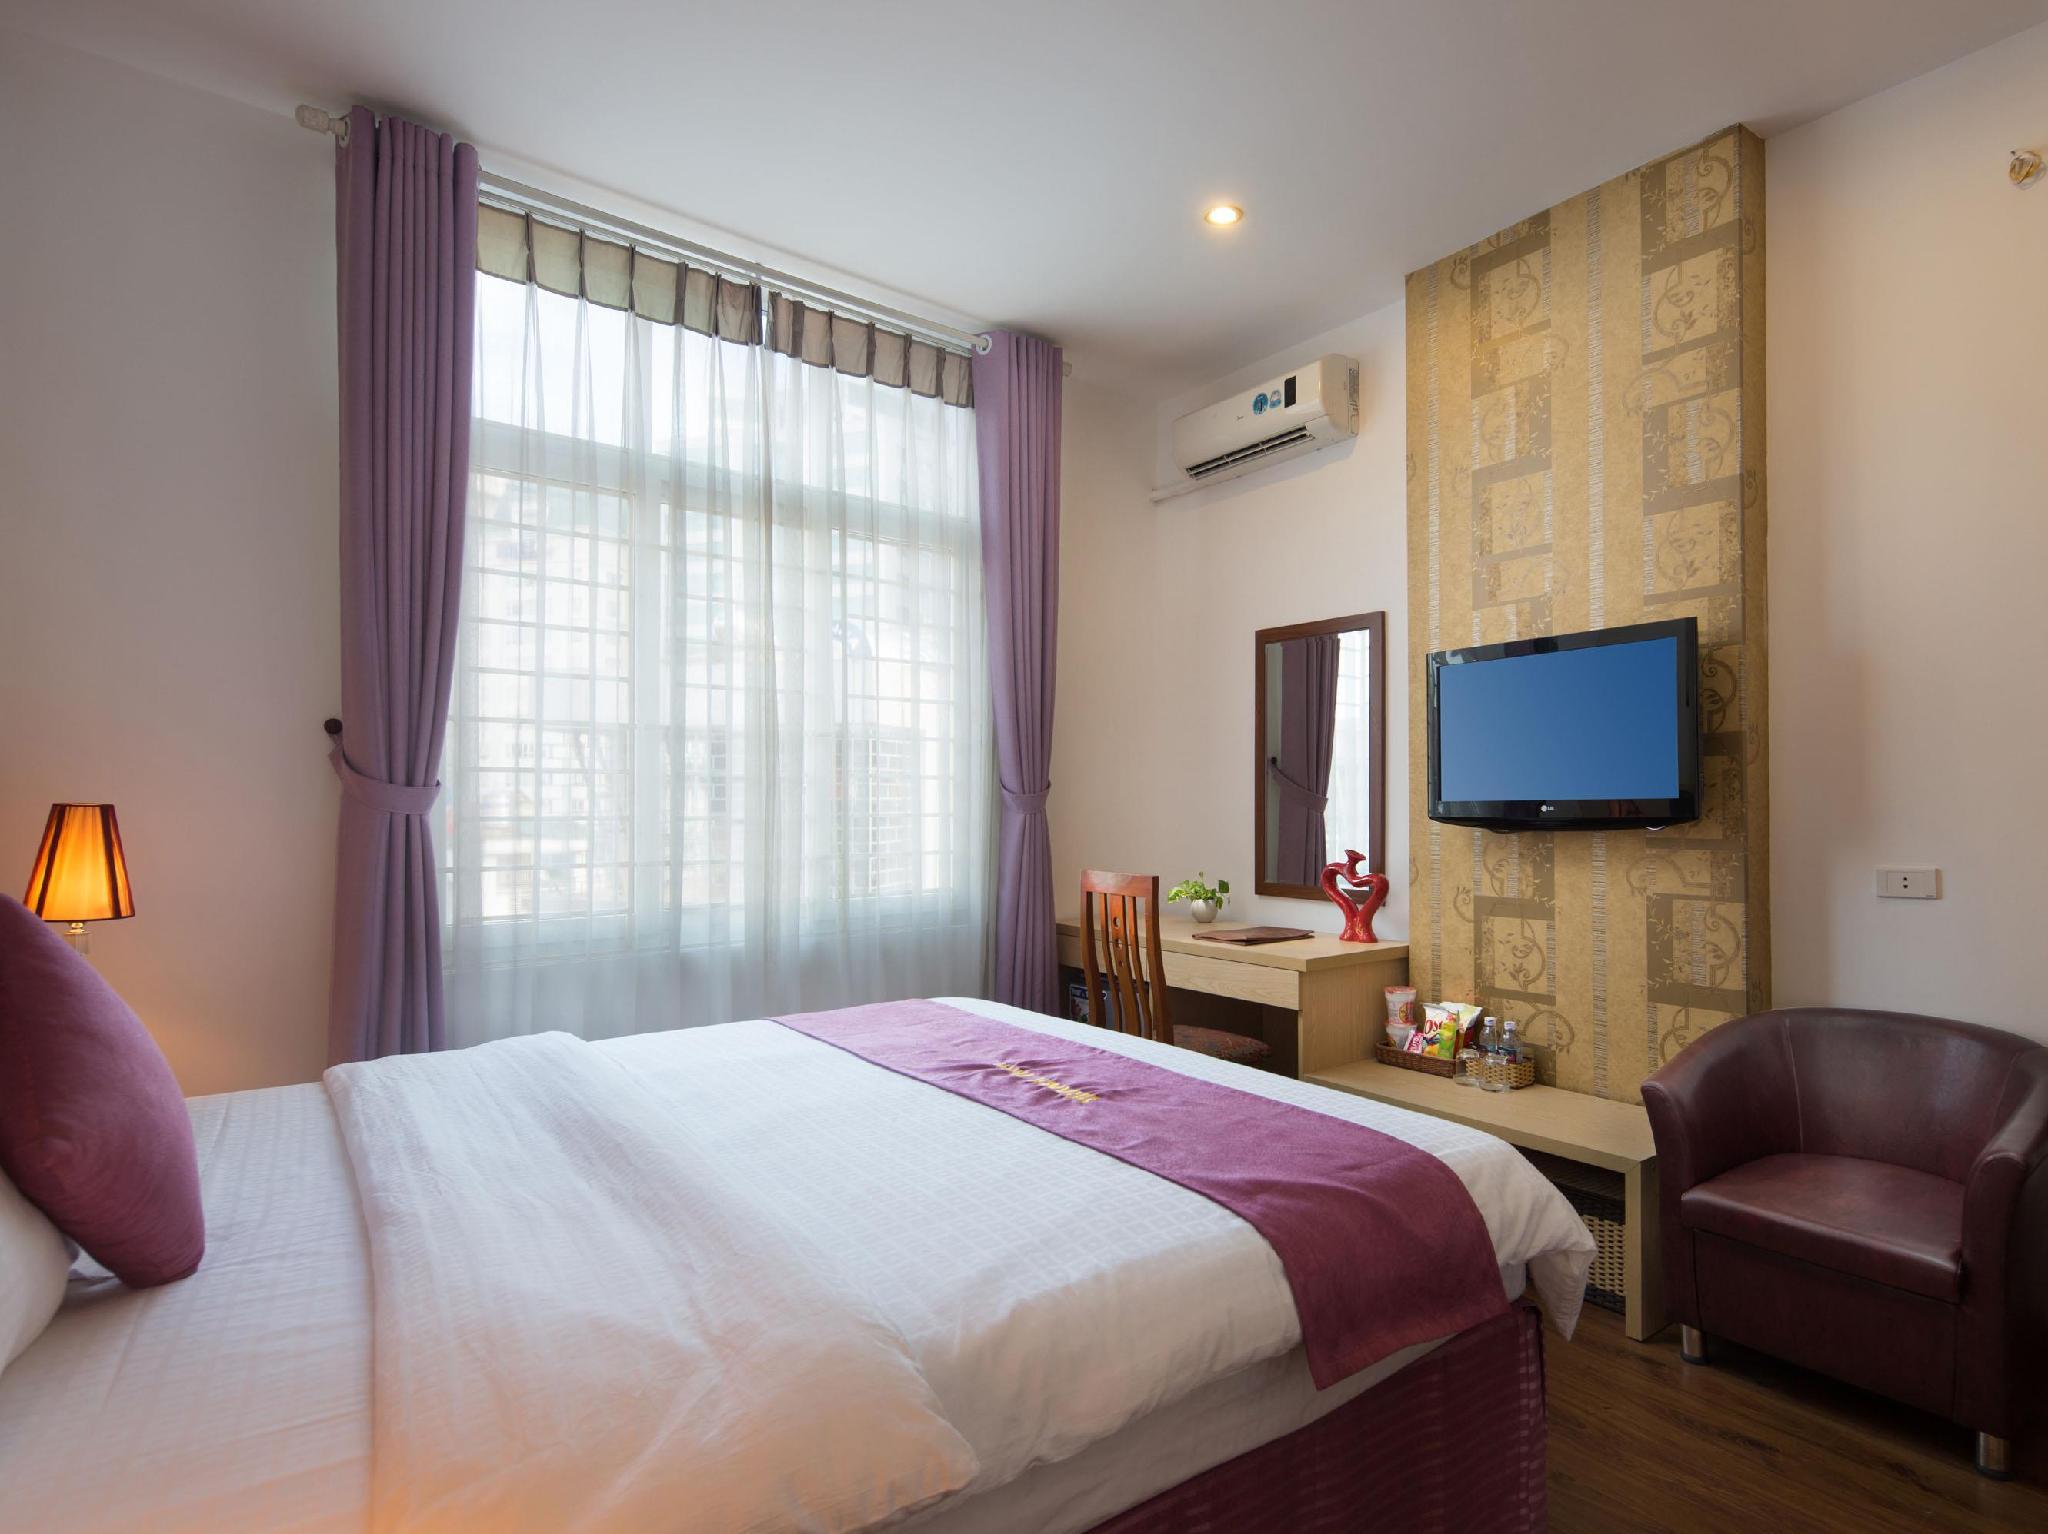 Brandi Hotel - Hotell och Boende i Vietnam , Hanoi